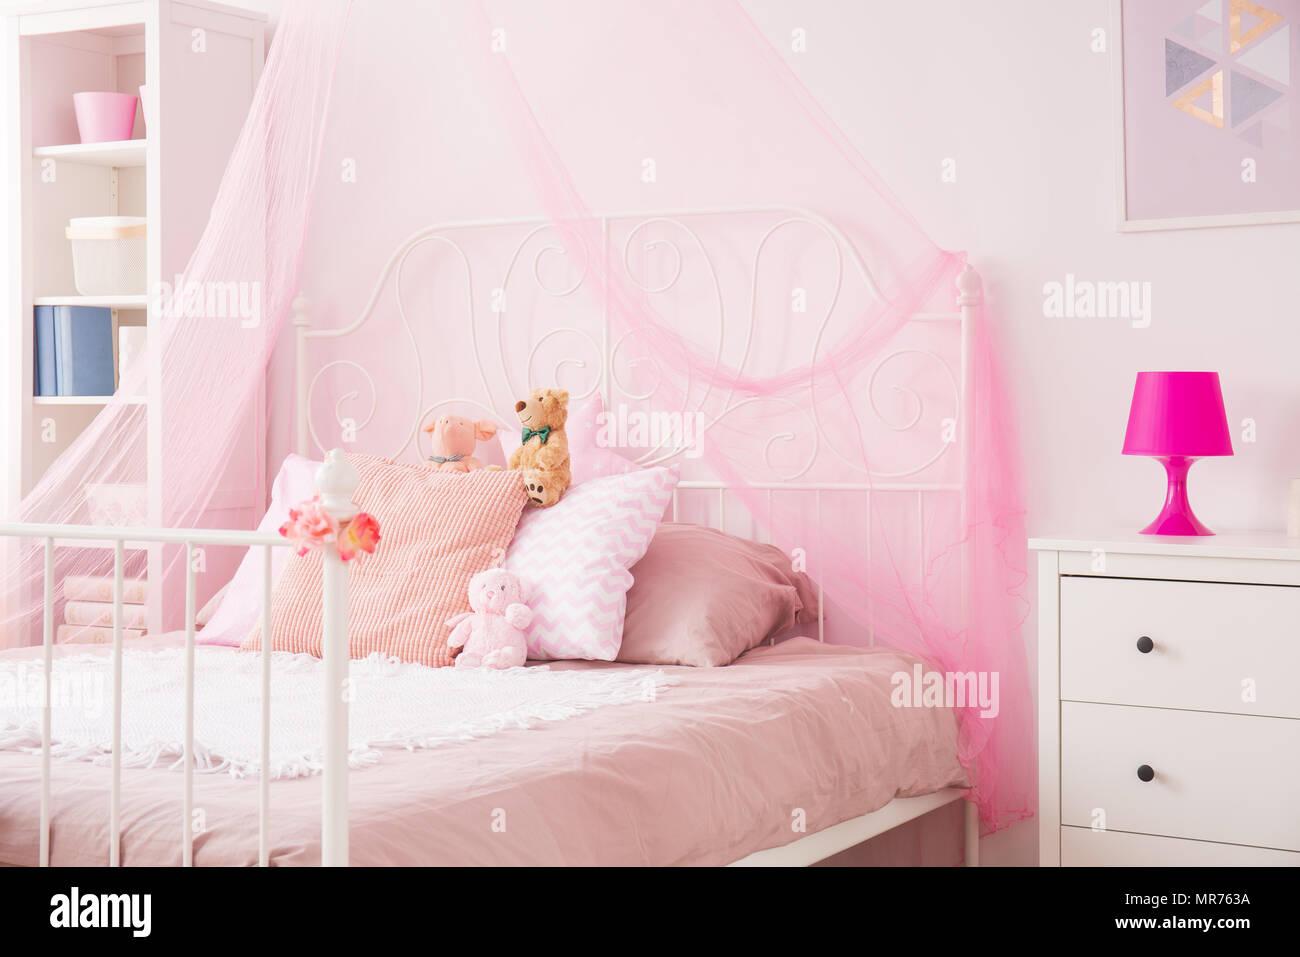 Letto A Baldacchino Rosa.Ragazza Perfetta Camera Rosa Con Letto A Baldacchino E Como Bianco